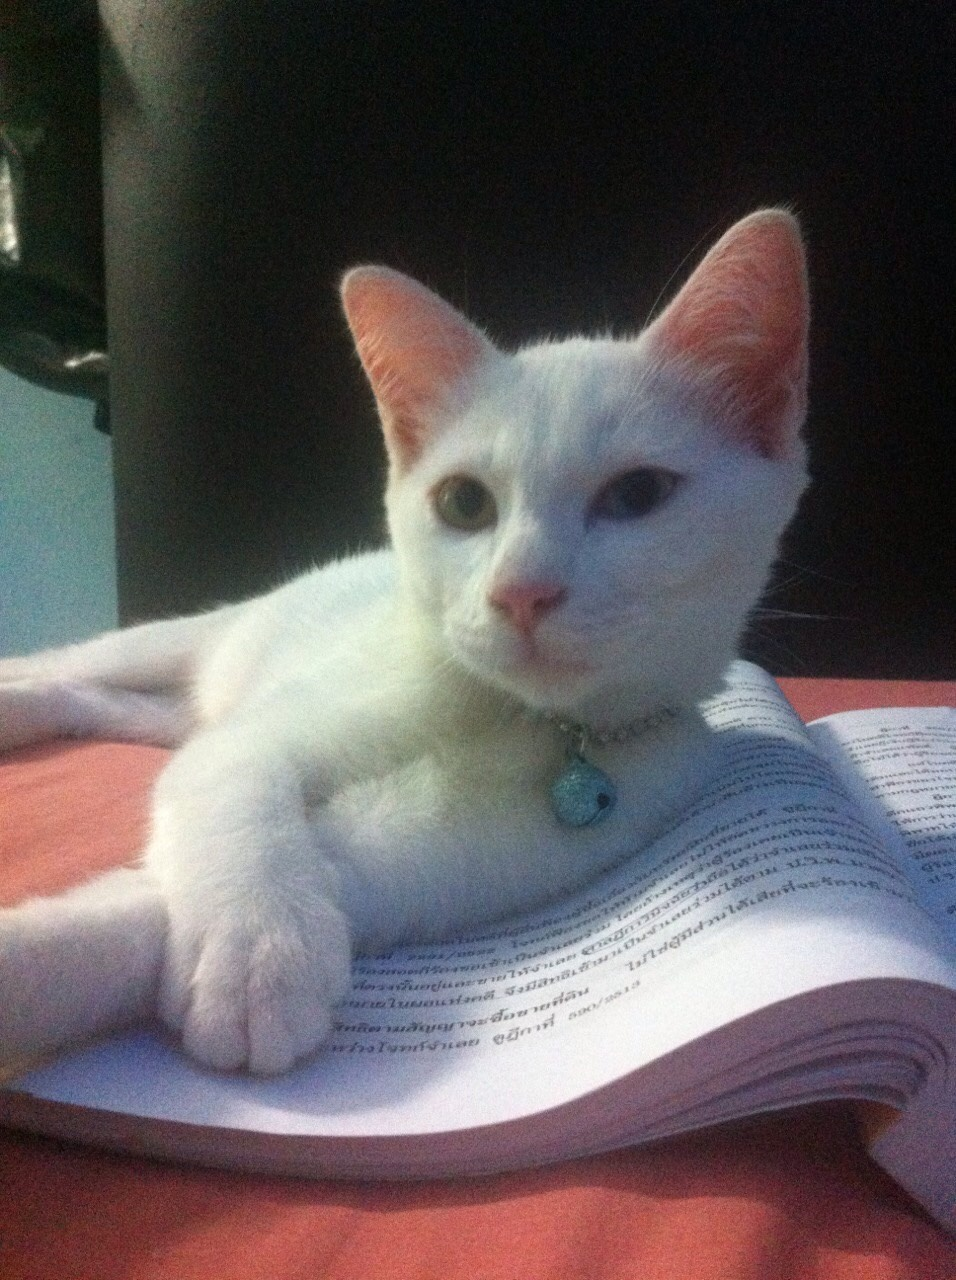 ซื้อขายแมววิเชียรมาศขาวมณีสีสวาดโคราชเปอร์เซียS__999434